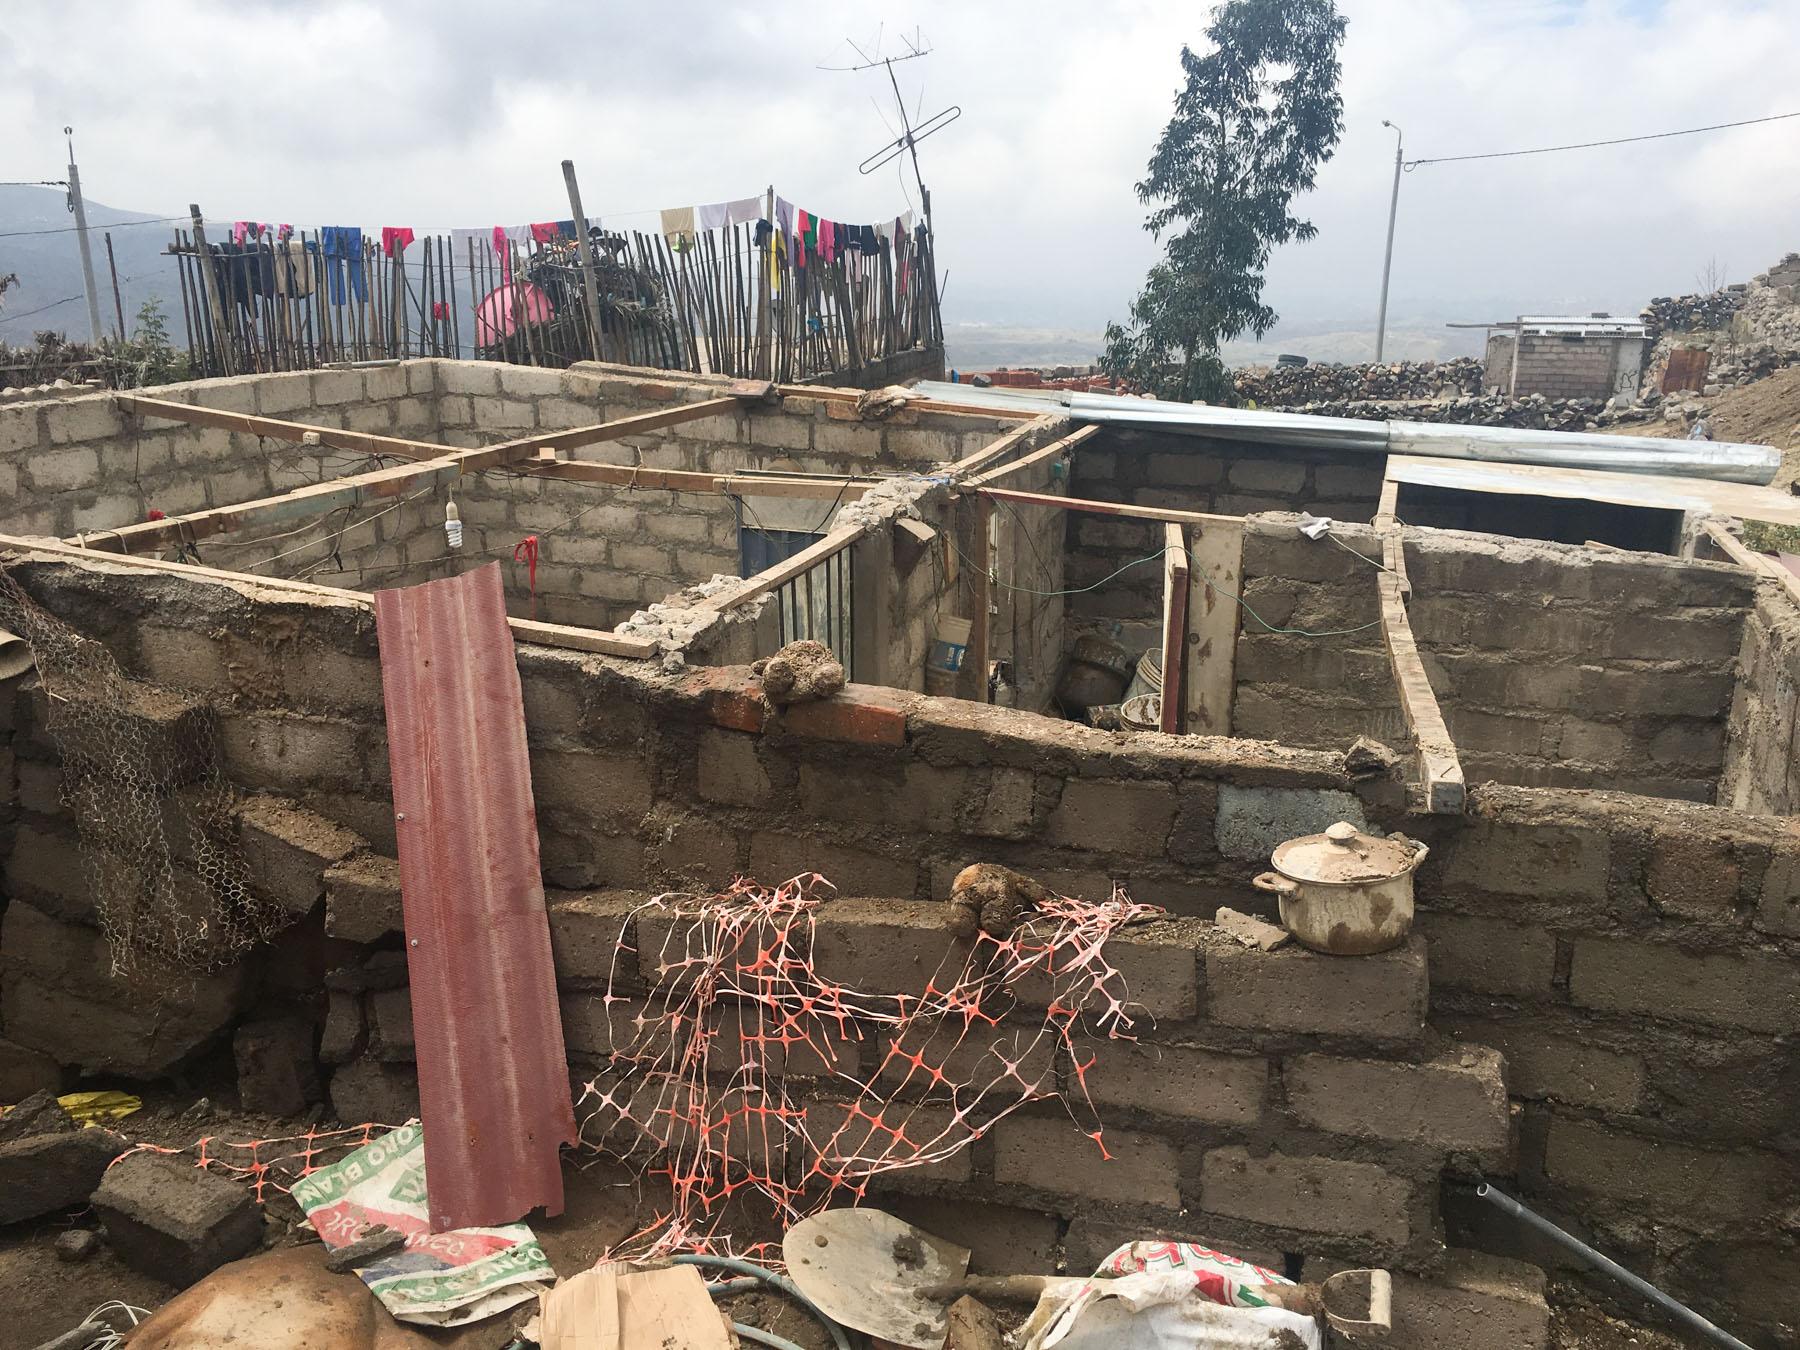 Over 50 homes damaged or destroyed